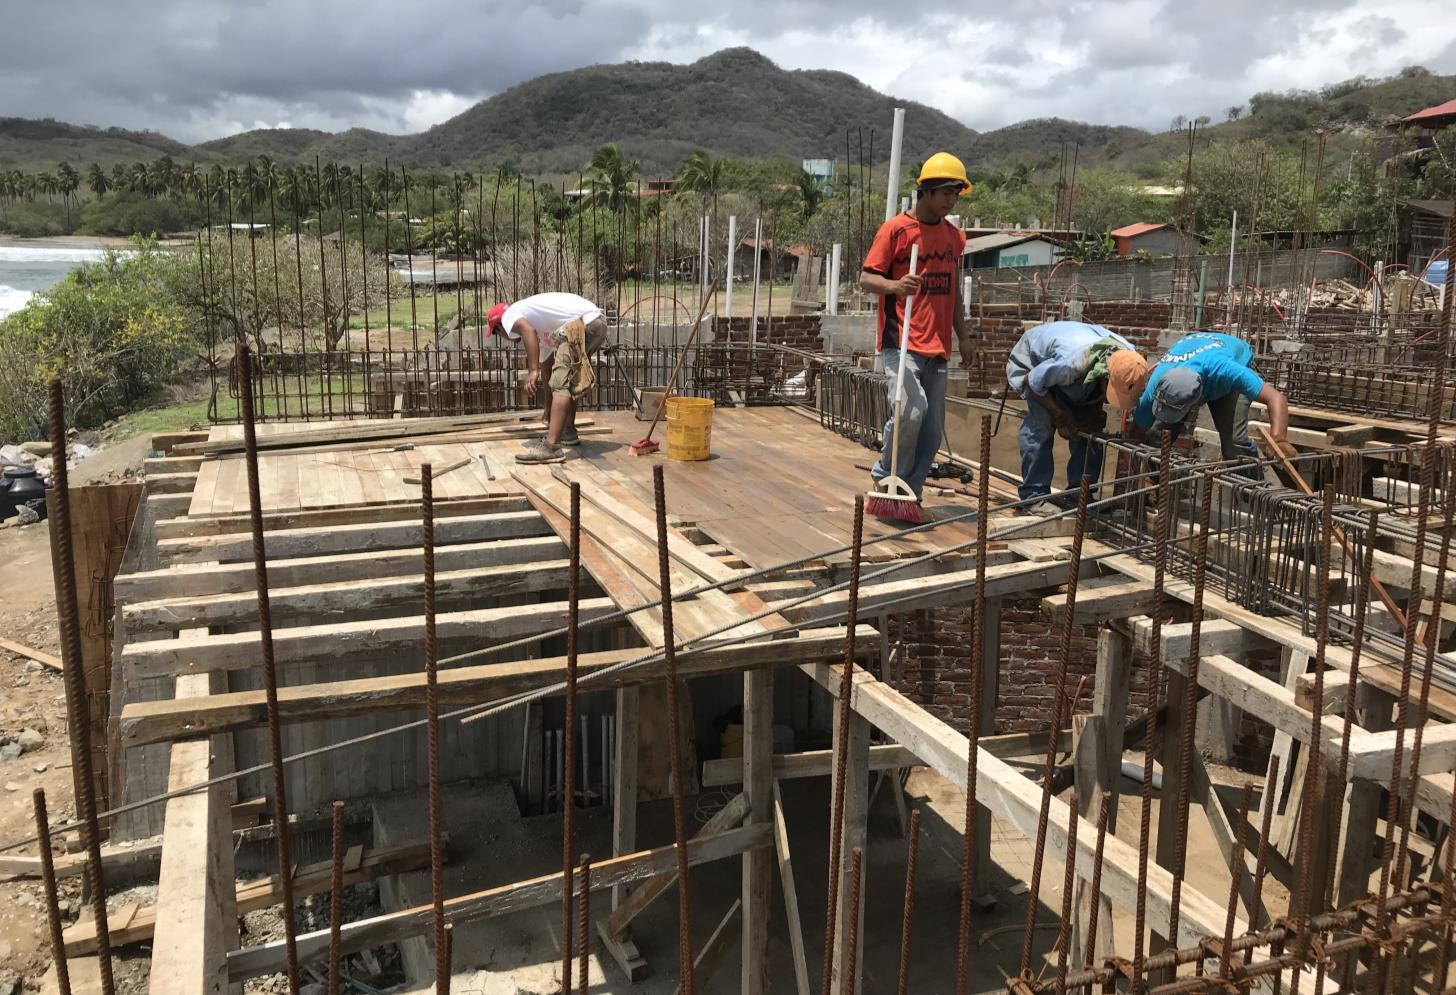 REPORTE-FOTOGRAFICO-PUNTA-MAJAHUA-16-DE-JUNIO-DEL-2018-020.jpg